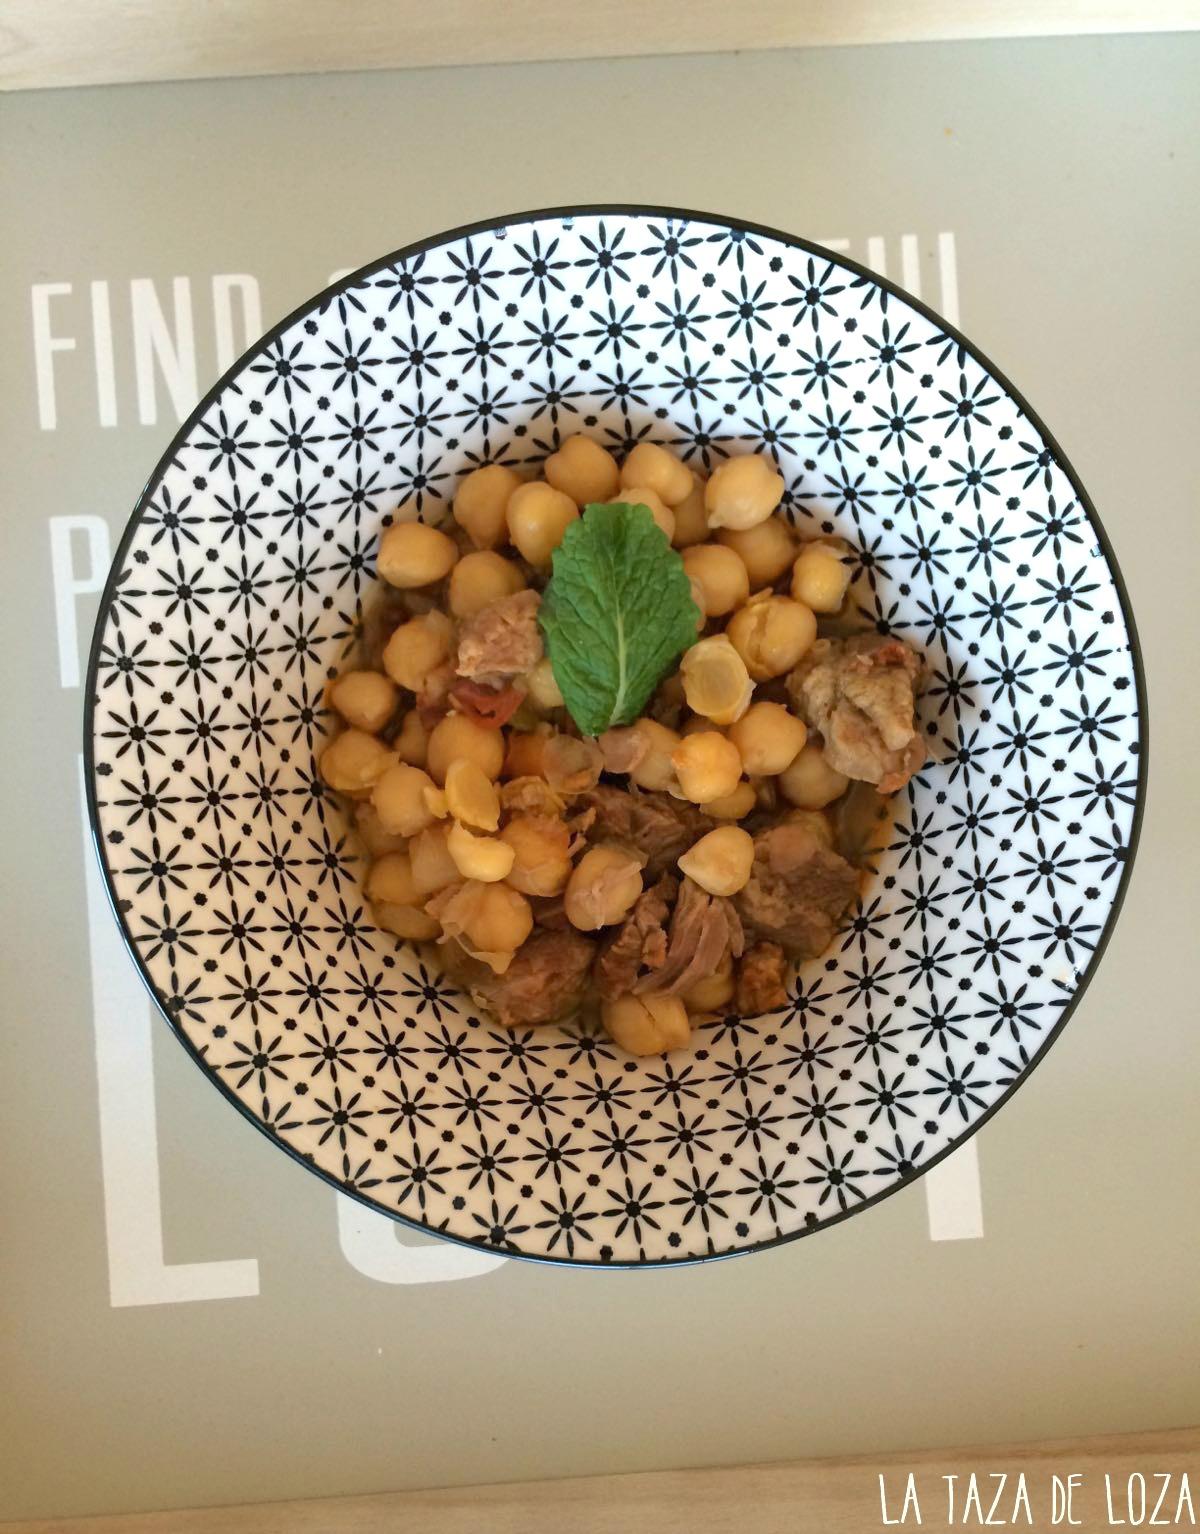 Qu se puede cocinar con garbanzos huele bien for Cocinar garbanzos